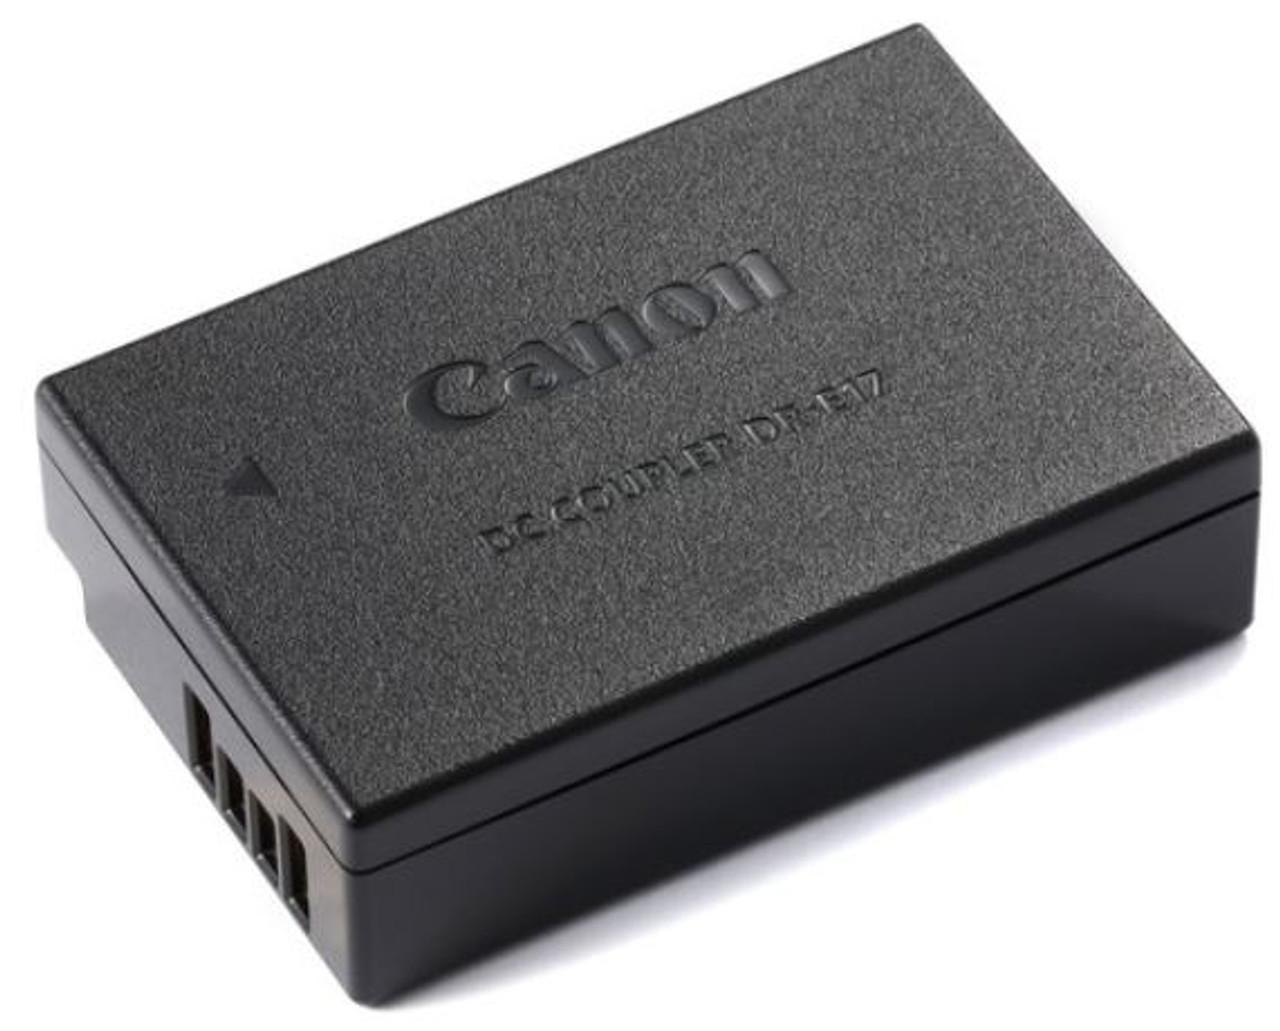 Canon DC Coupler DR-E17